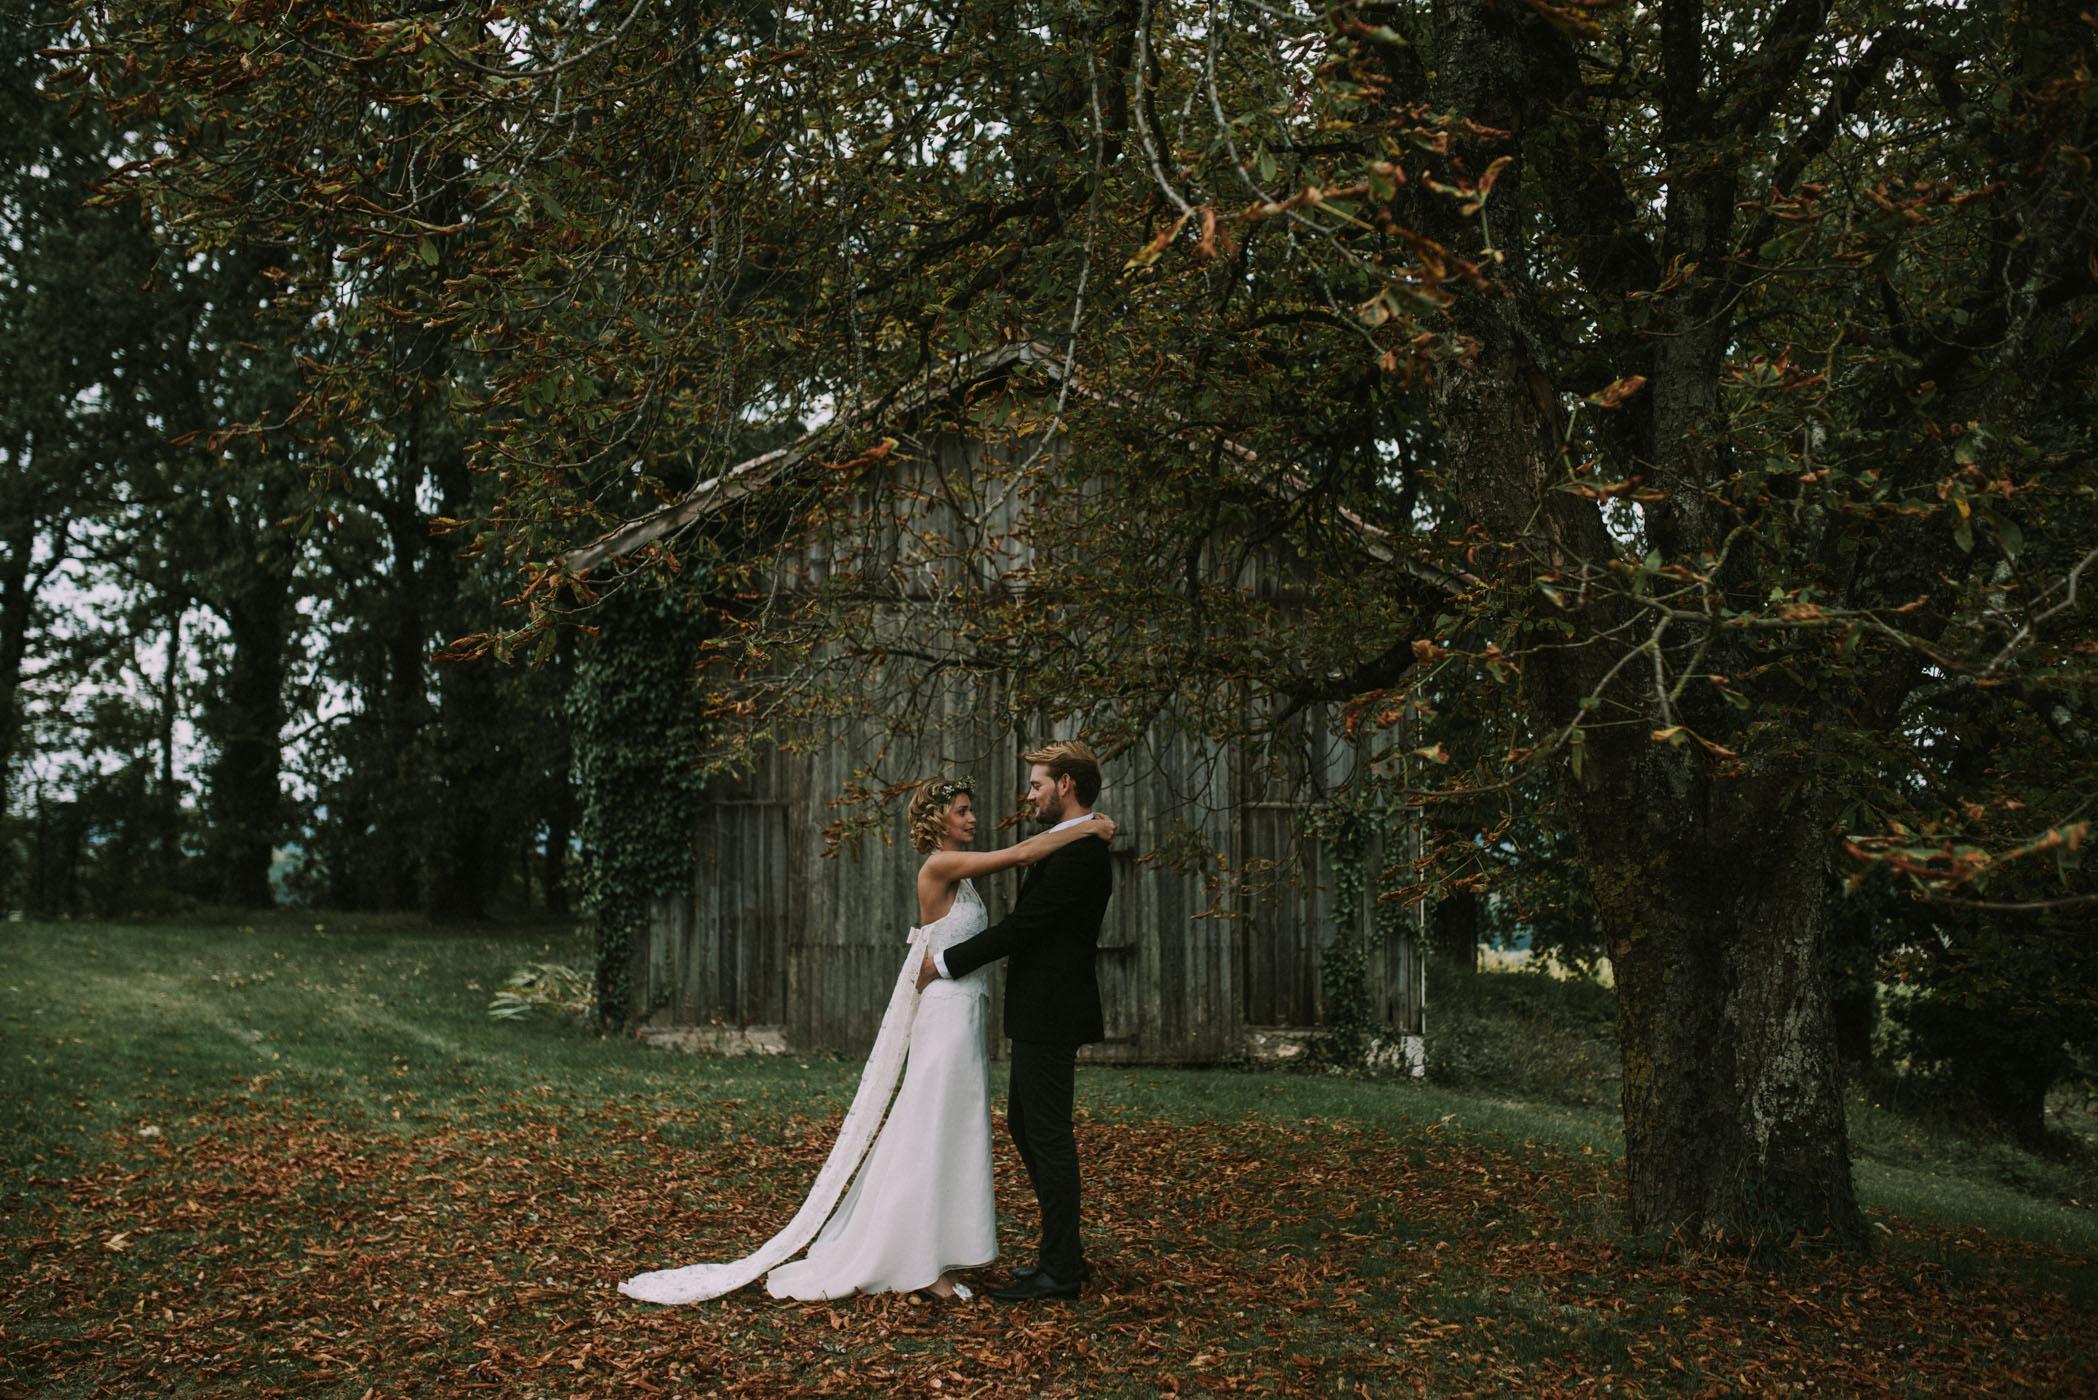 sun-drops-down-shooting-dinspiration-automnal-sous-les-bois-en-dordogne-blog-mariage-la-mariee-sous-les-etoiles-photo-mira-al-pajarito-56